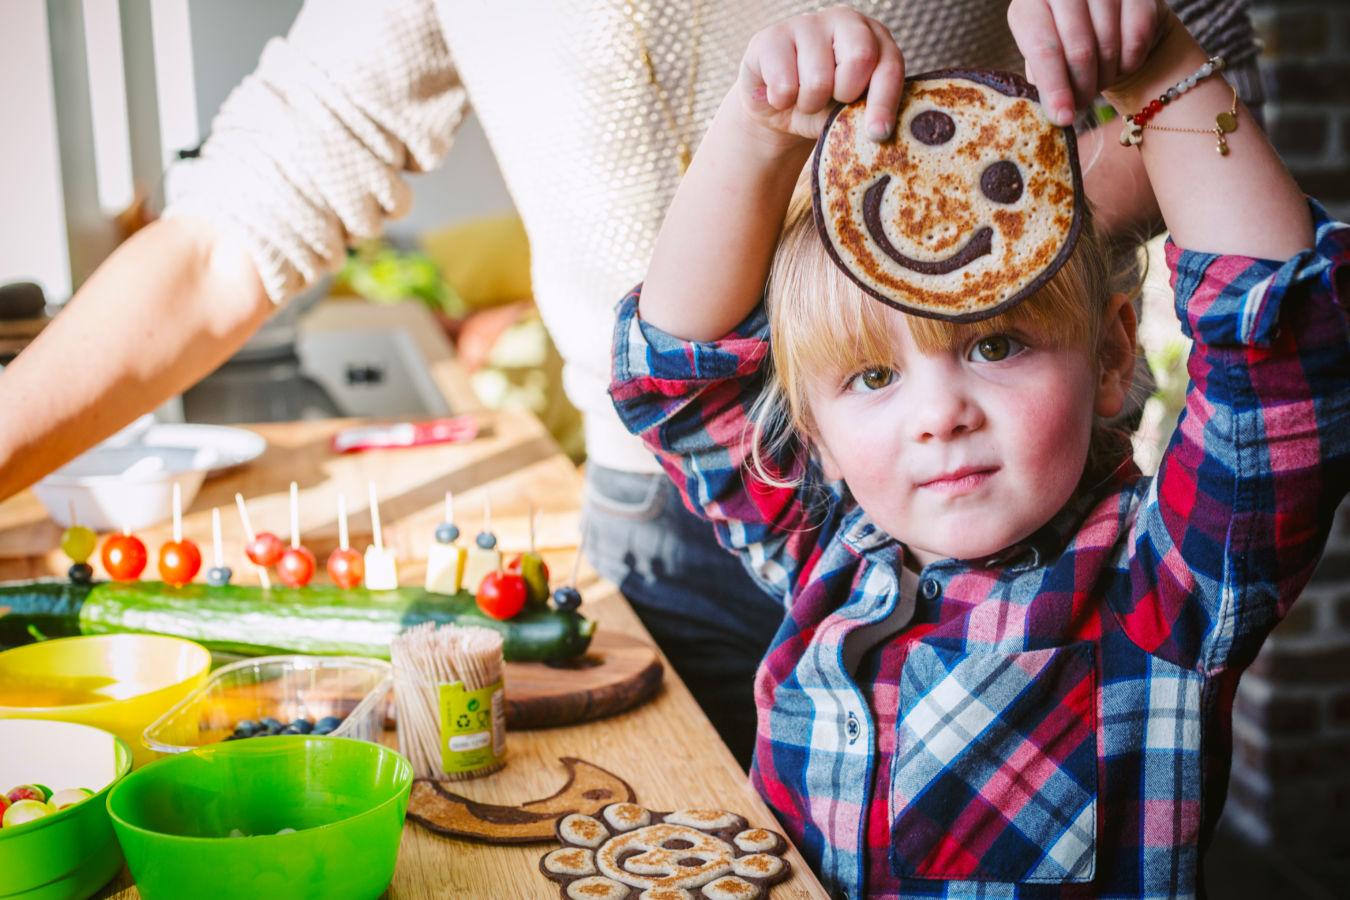 sofie-dumont-op-de-groei-2-chocolade-smiley-pannenkoeken